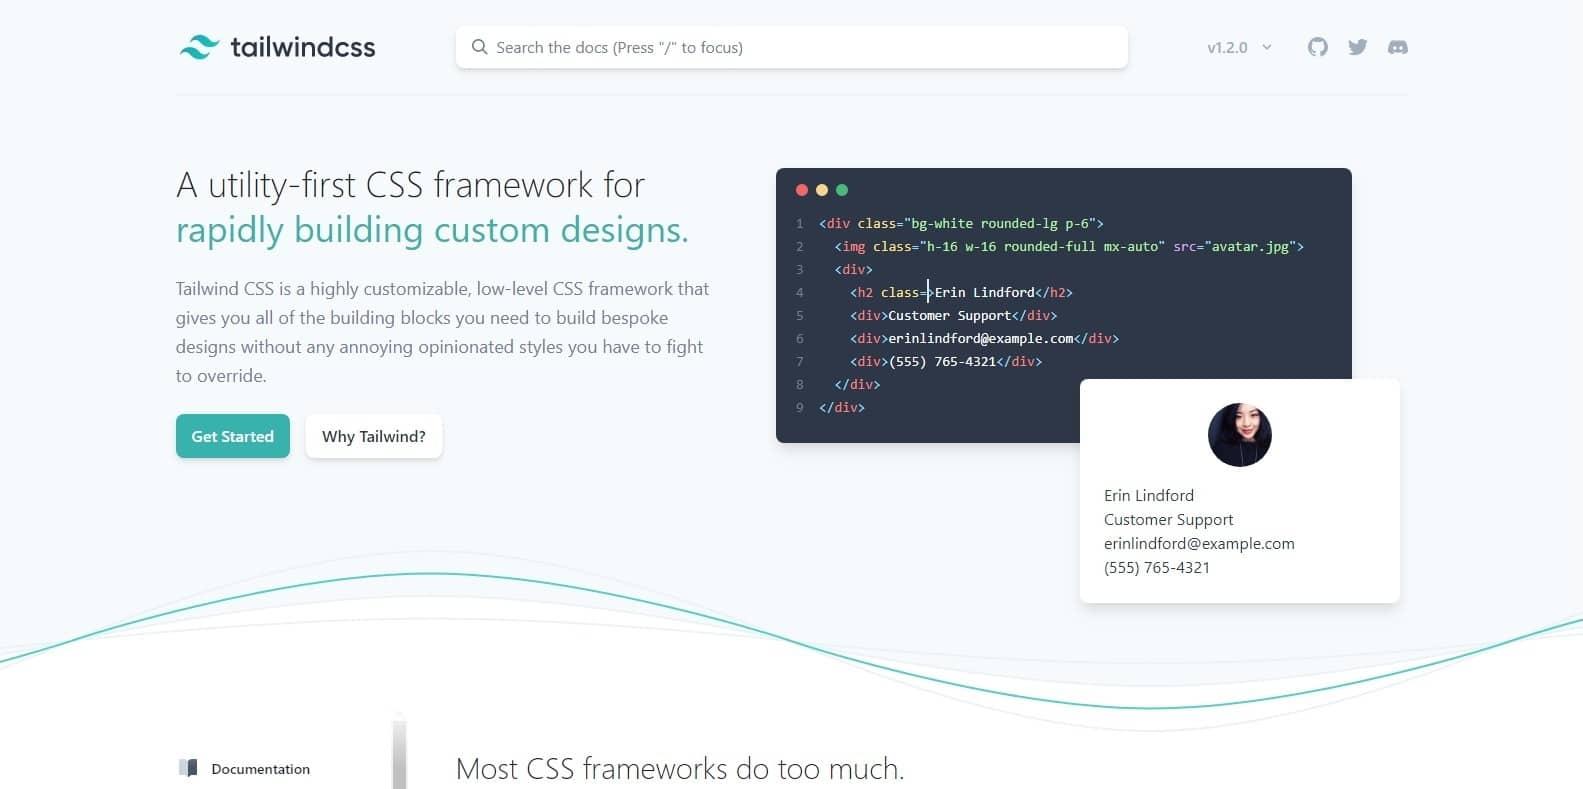 tailwind-css-framework